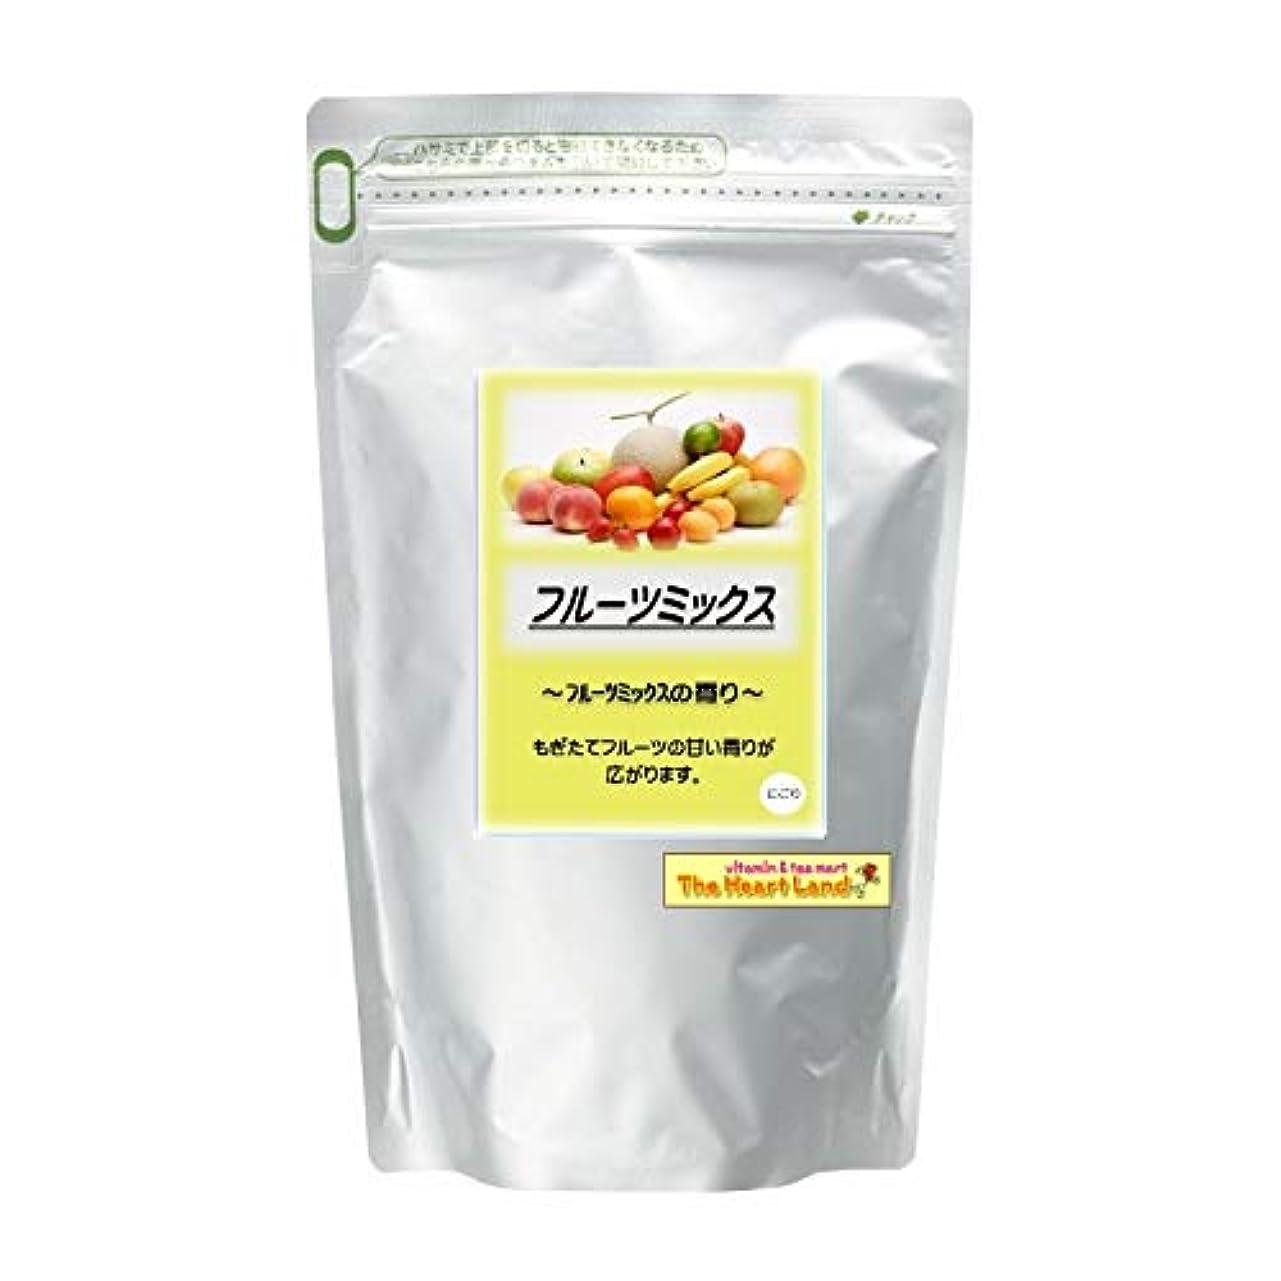 けがをするアクロバットシニスアサヒ入浴剤 浴用入浴化粧品 フルーツミックス 2.5kg